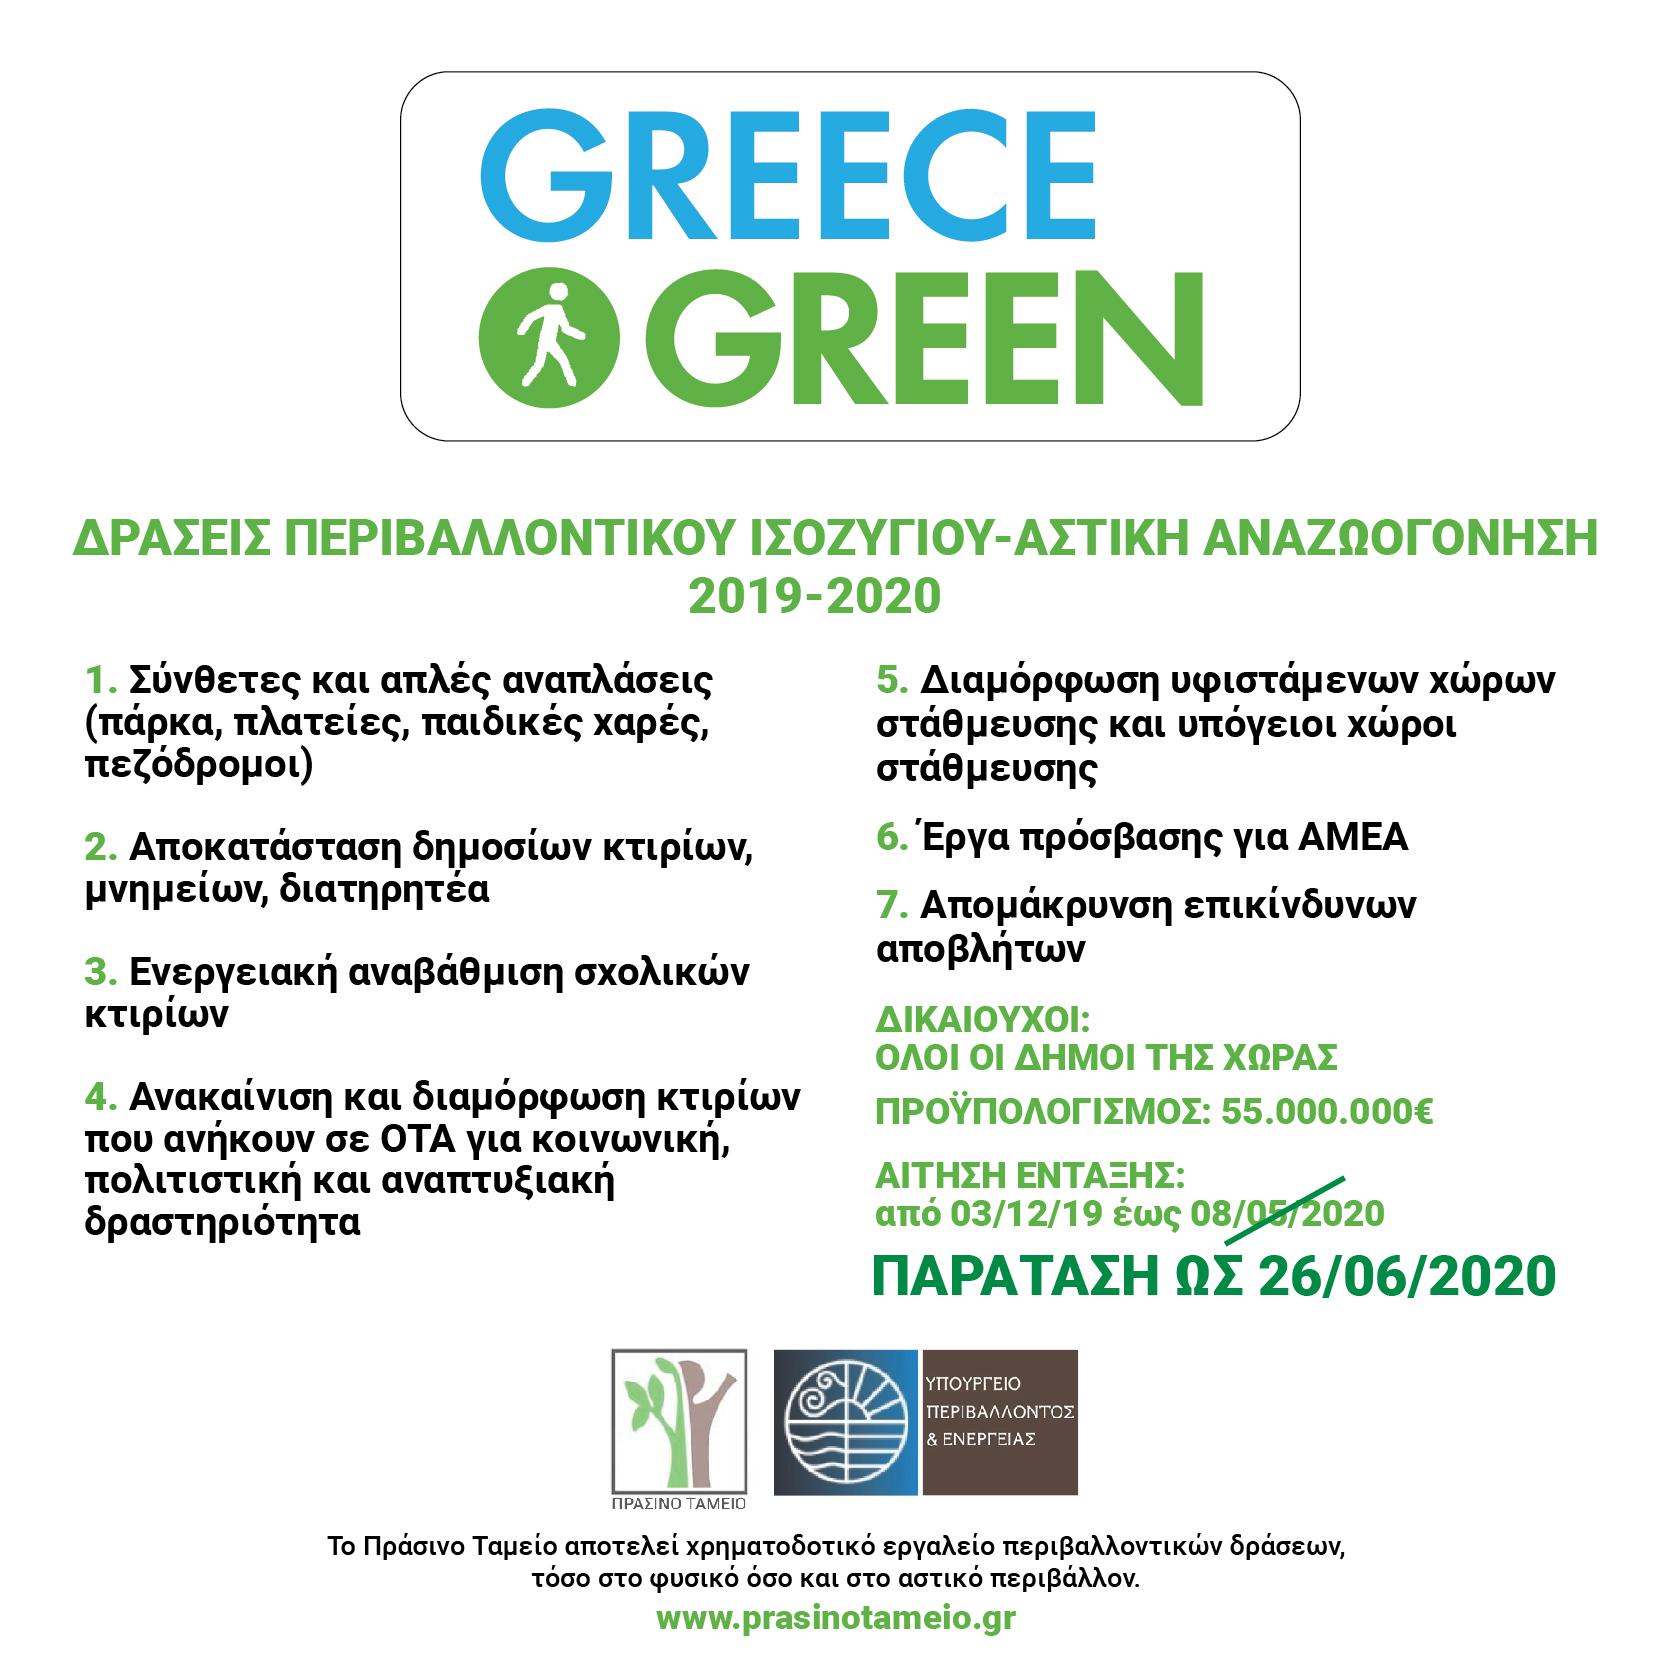 Πράσινο Ταμείο - ΠΕΡΙΒΑΛΛΟΝΤΙΚΌ ΙΣΟΖΎΓΙΟ 2019 2020